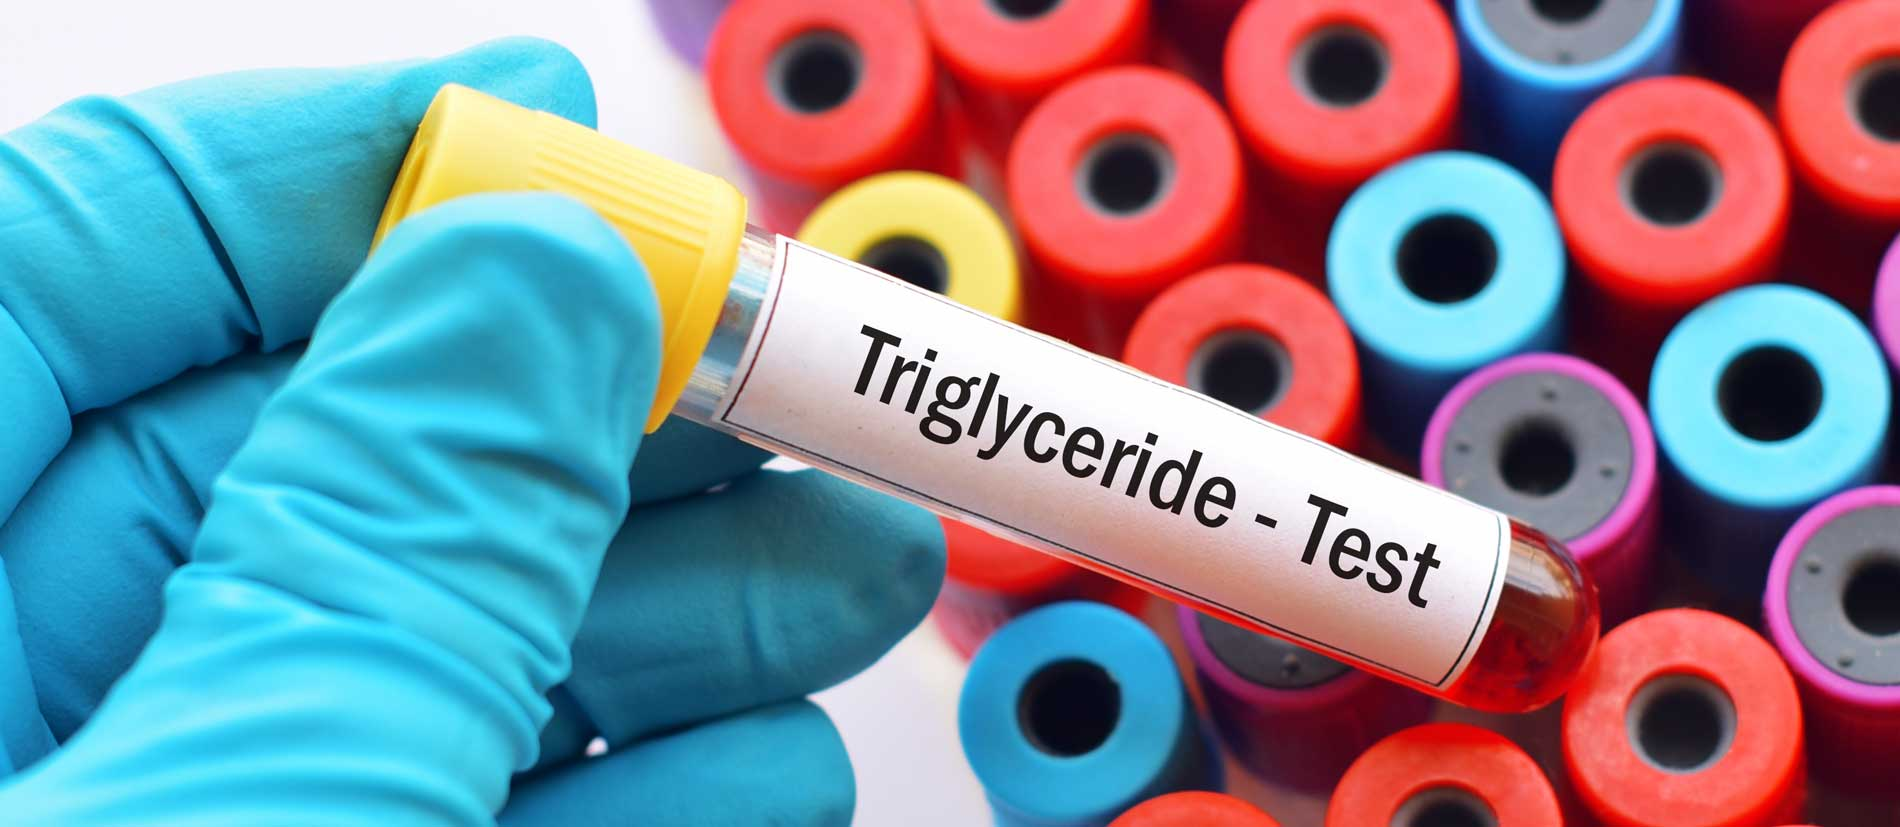 Quelle valeur de triglycérides ne doit pas être dépassée?